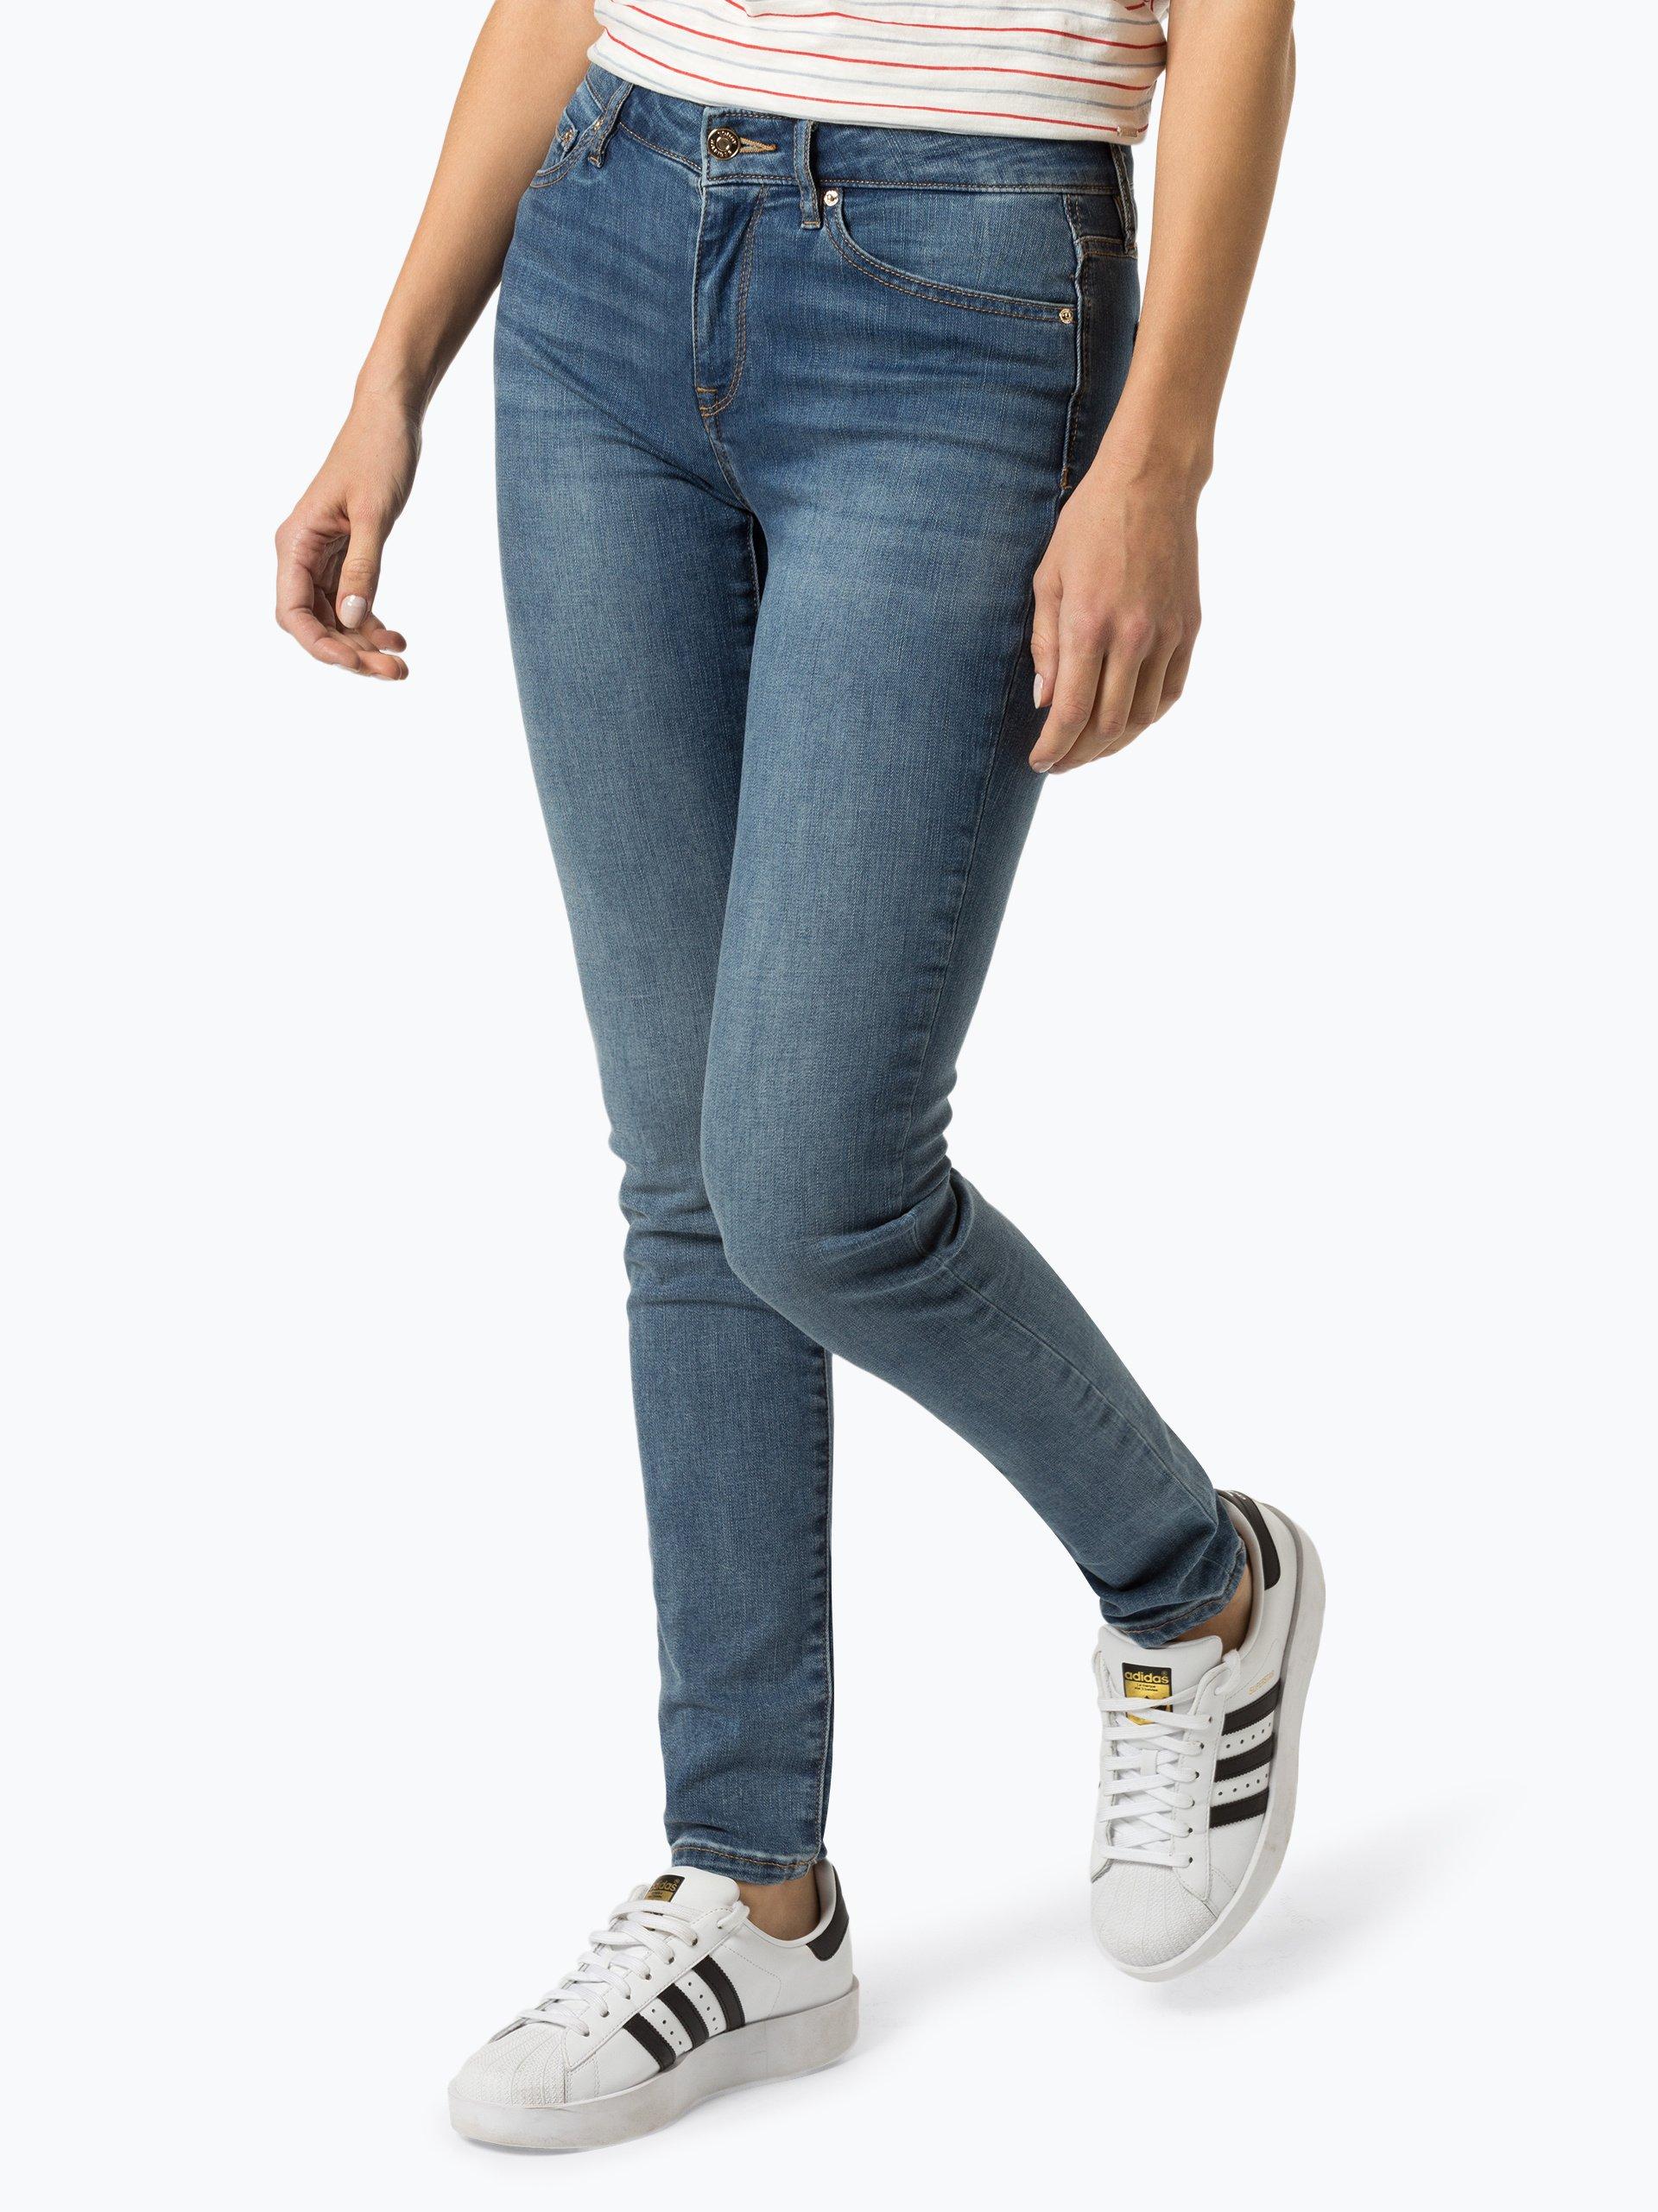 Tommy Hilfiger Damen Jeans - Venice